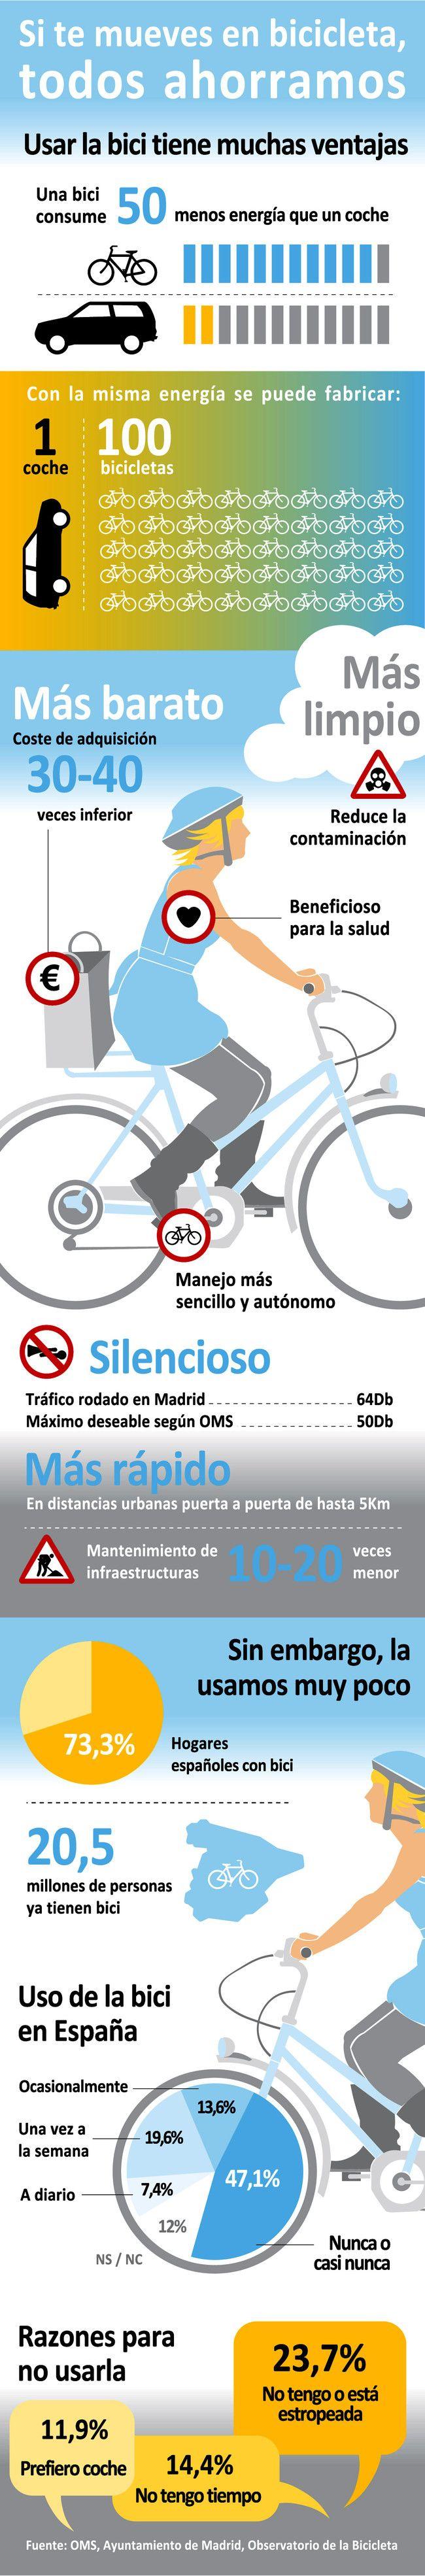 Si te mueves en bici, todos ahorramos #infografia #infographic #medioambiente @Alfredo Malatesta Vela @Xavi Caballé Gassó